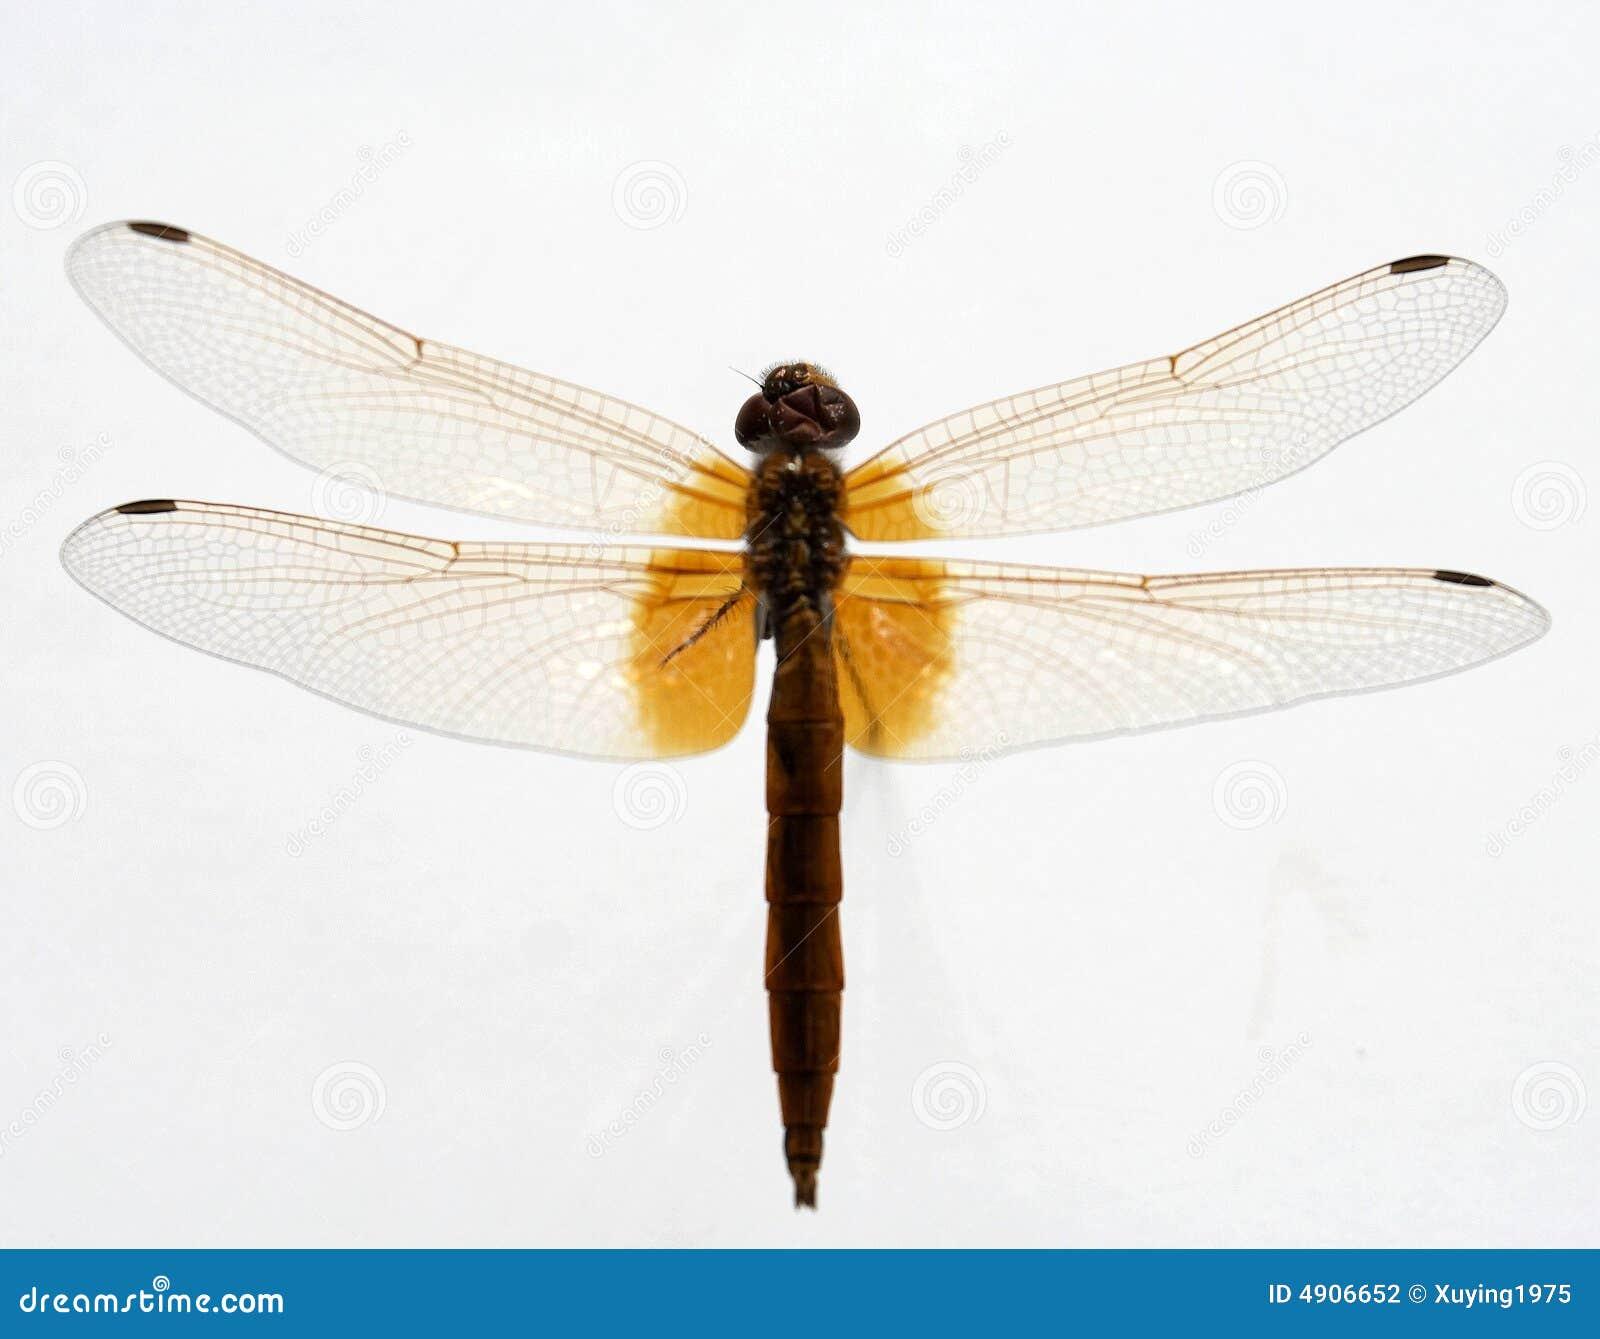 Various - Order Odonata Vol. 5